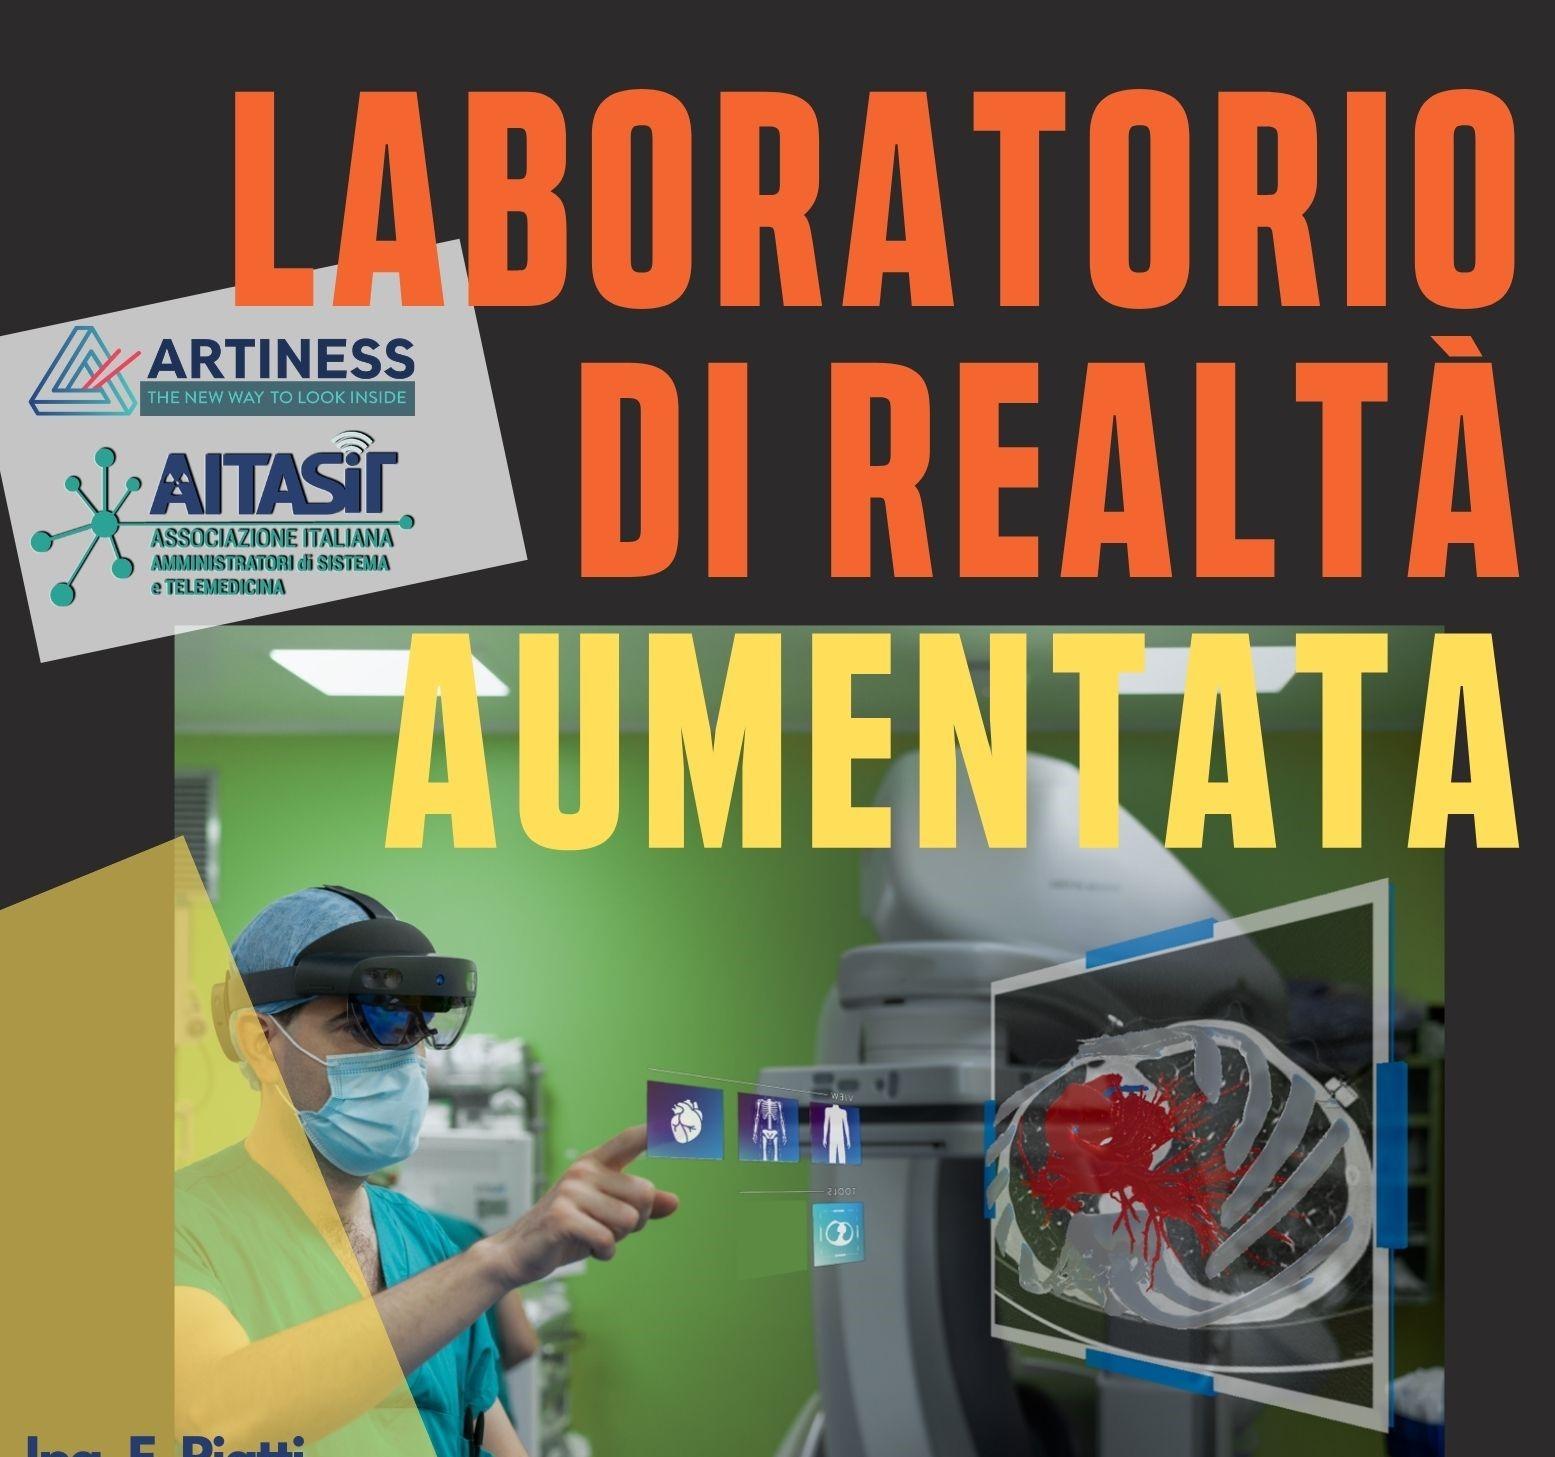 Laboratorio di realtà aumentata